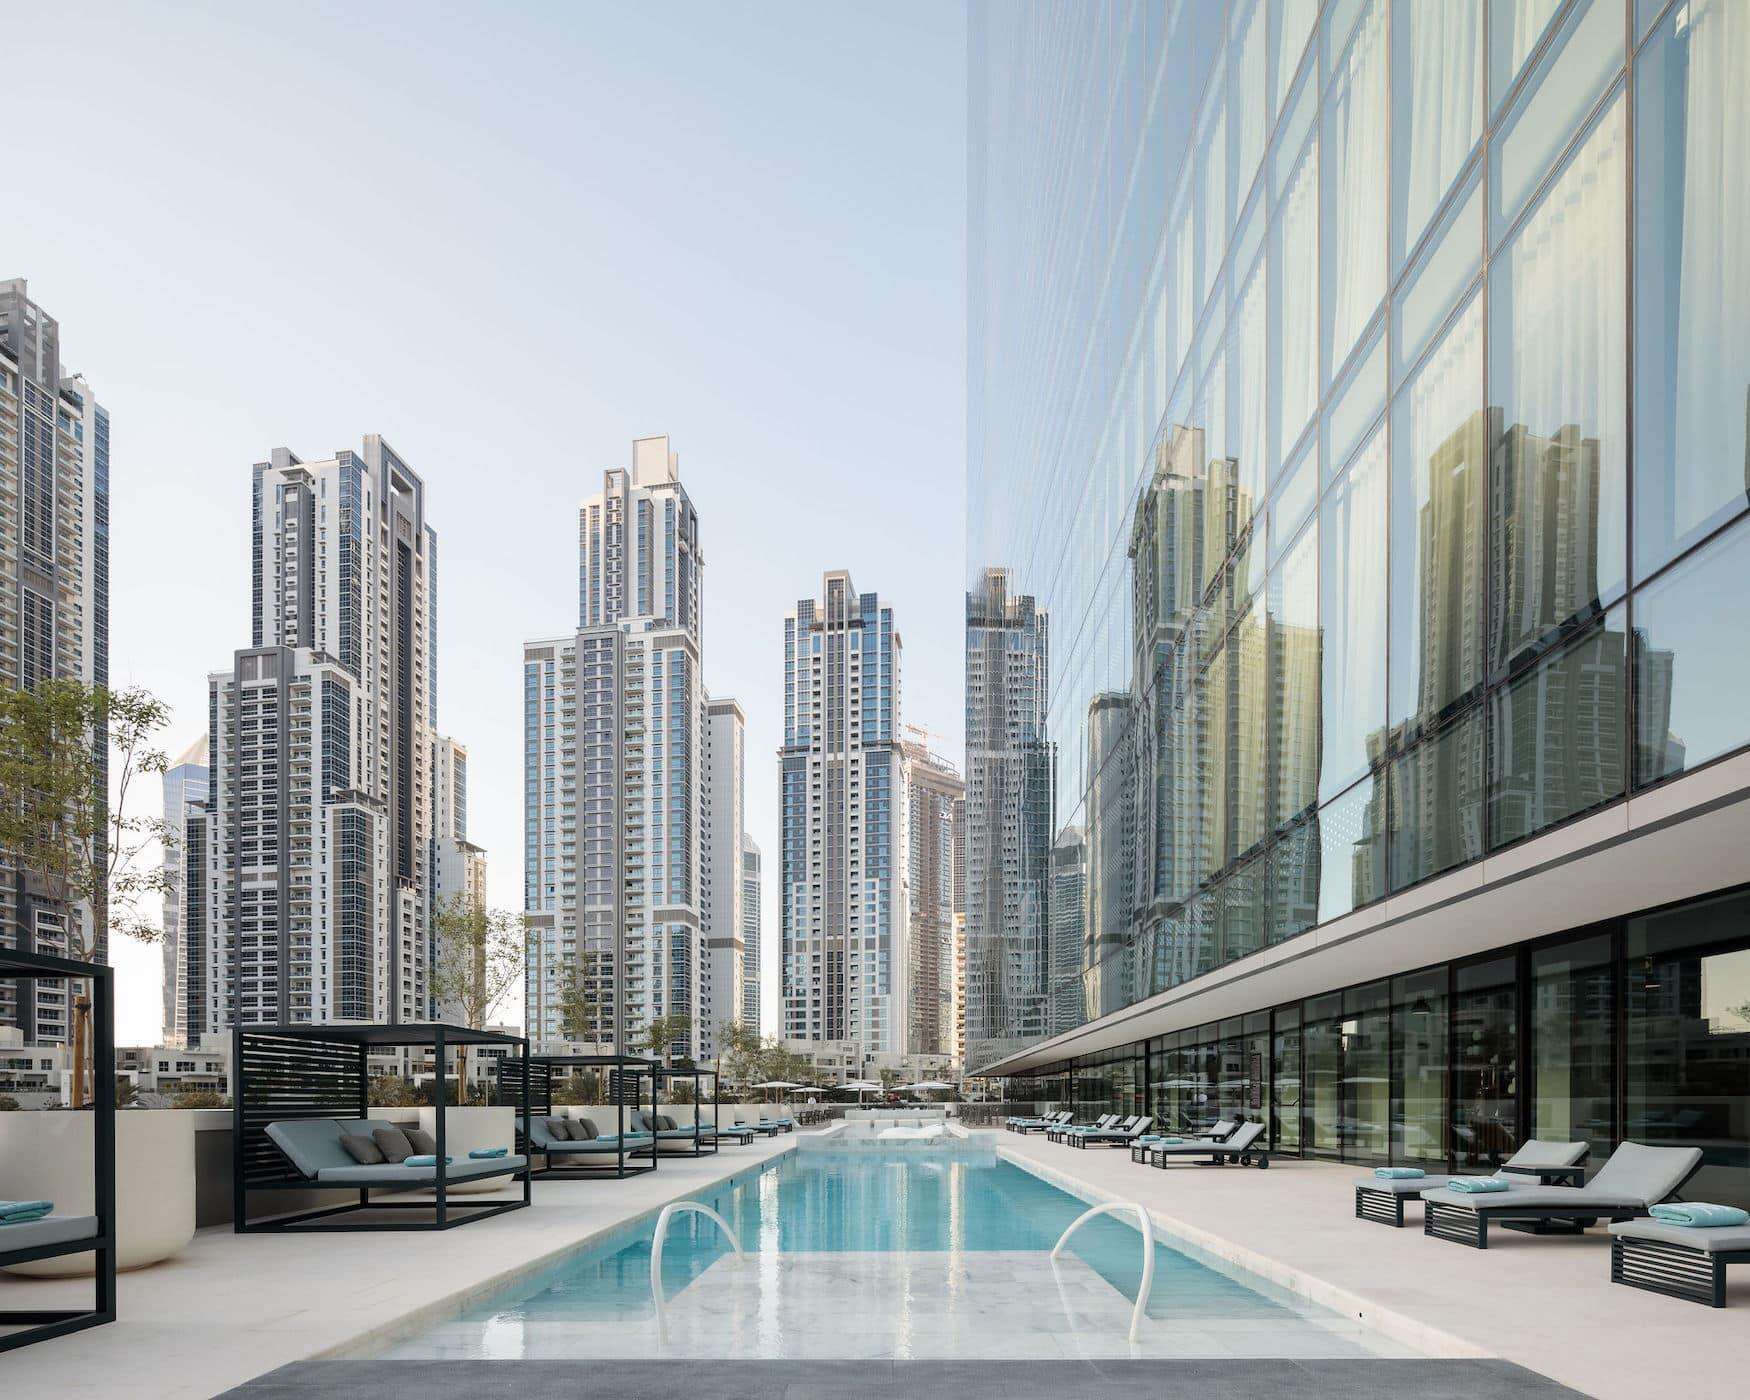 Poolbereich mit Blick auf die Skyline Dubais